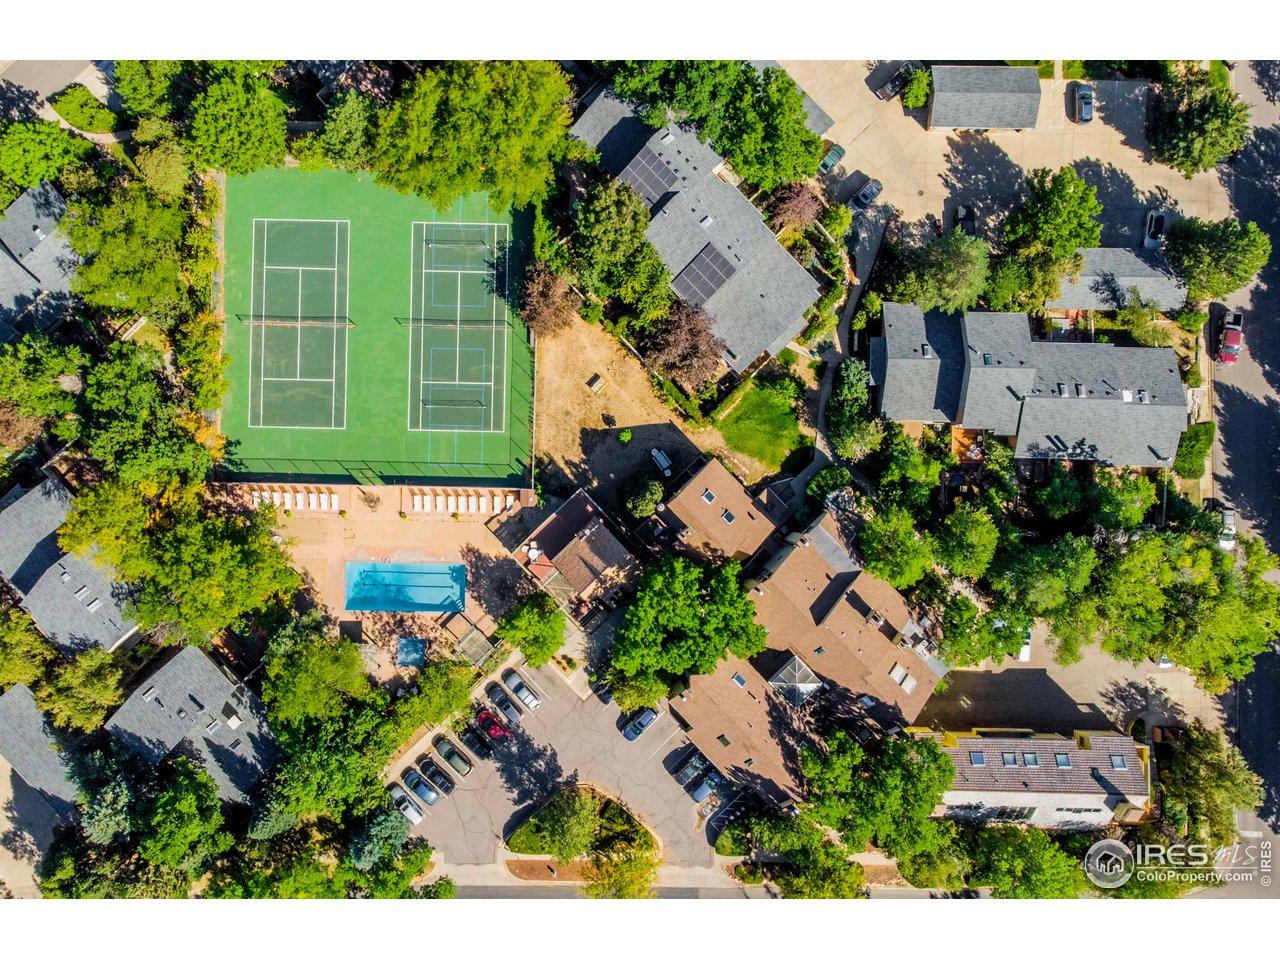 HOA Tennis Courts